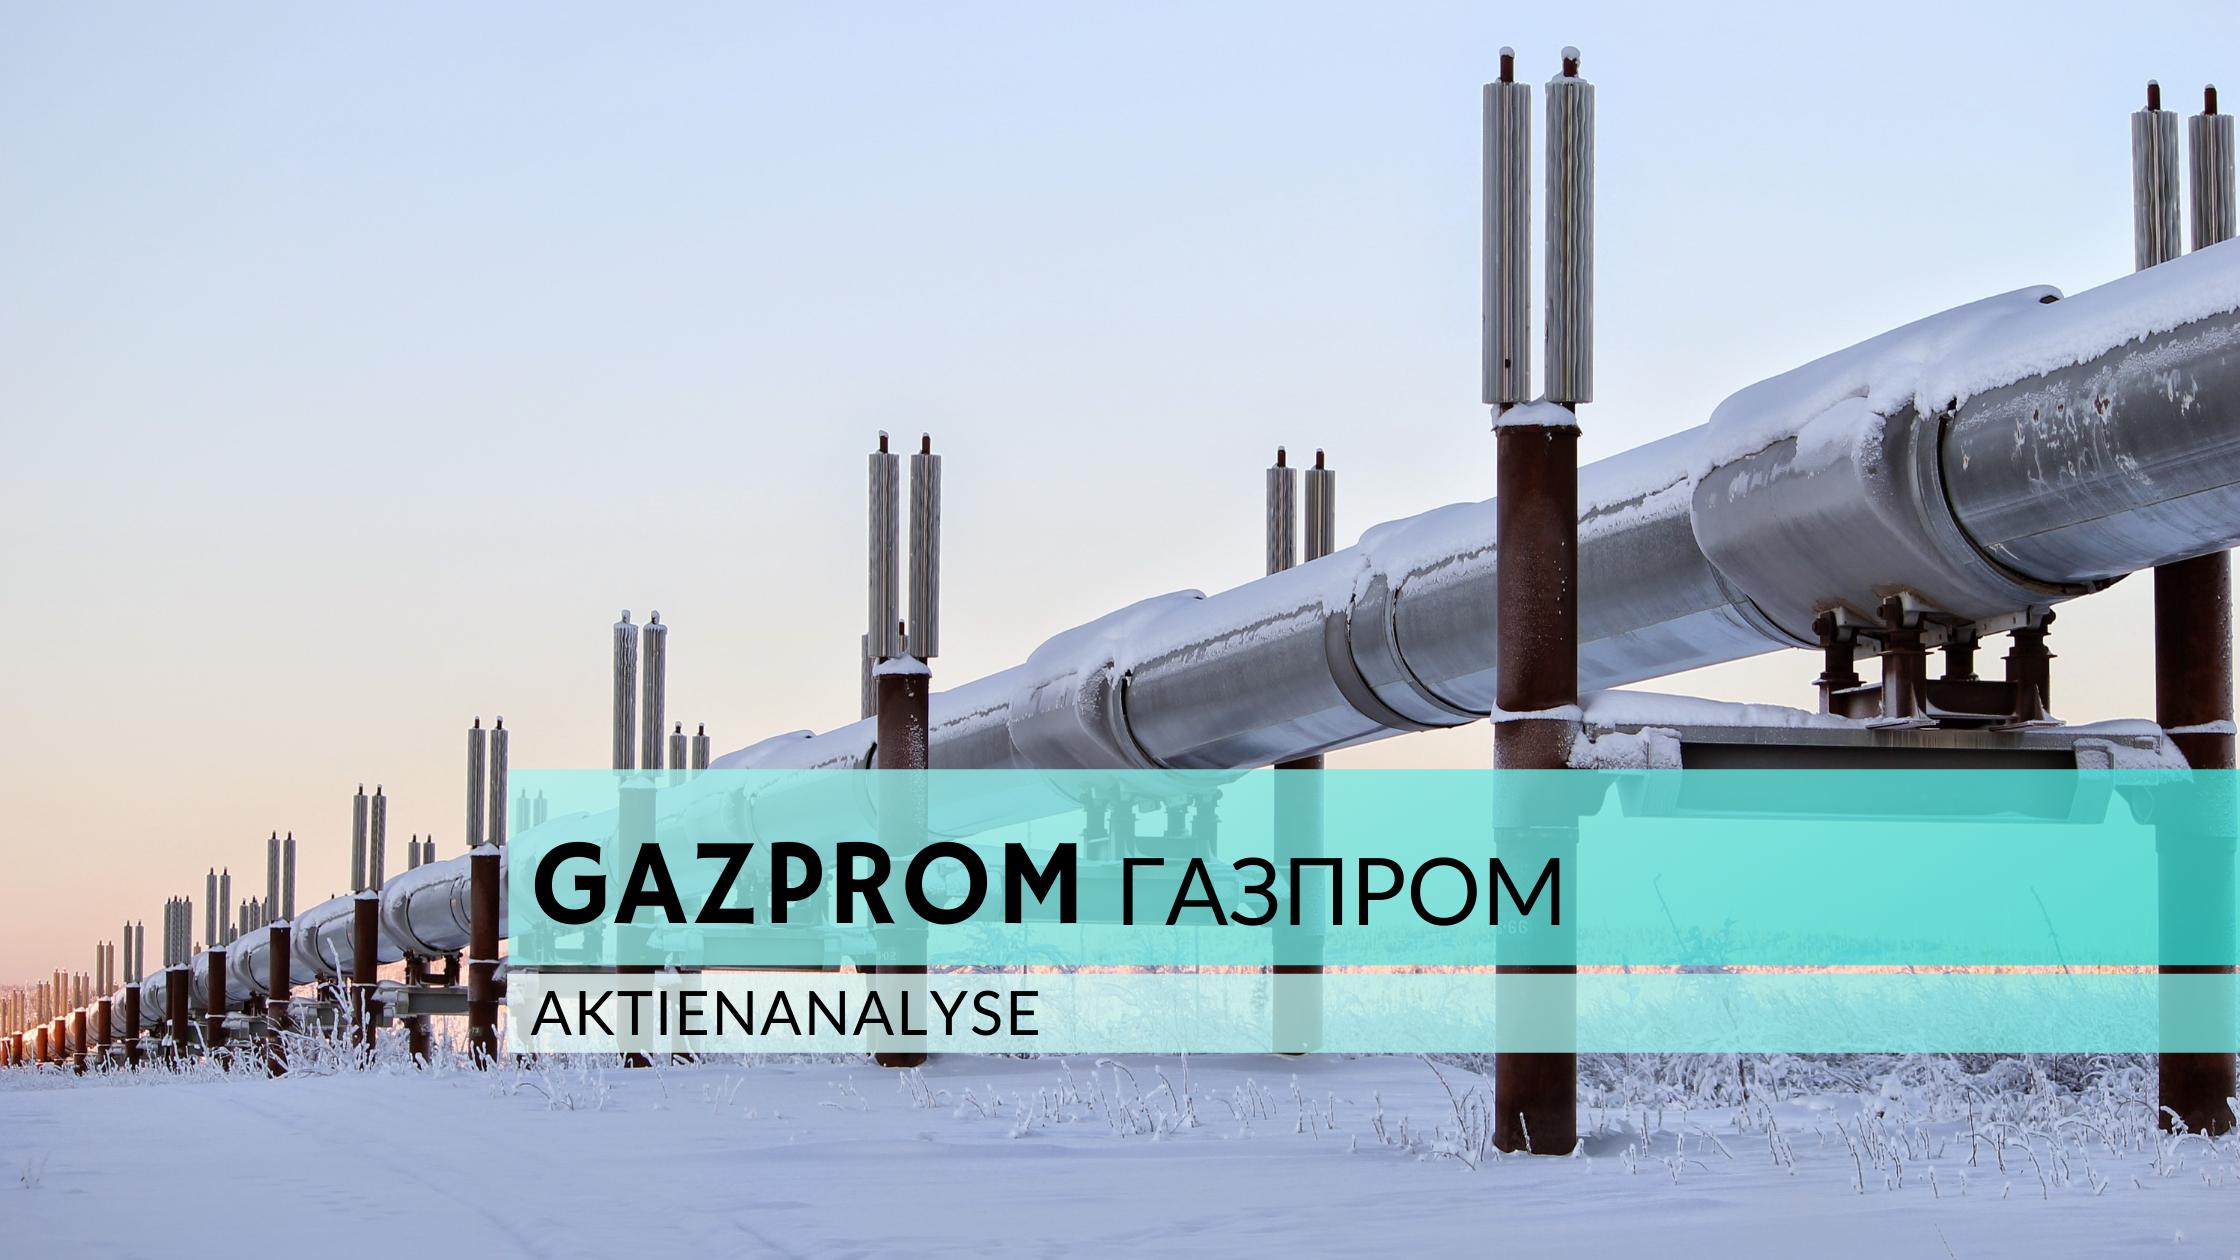 Gazprom Aktienanalyse